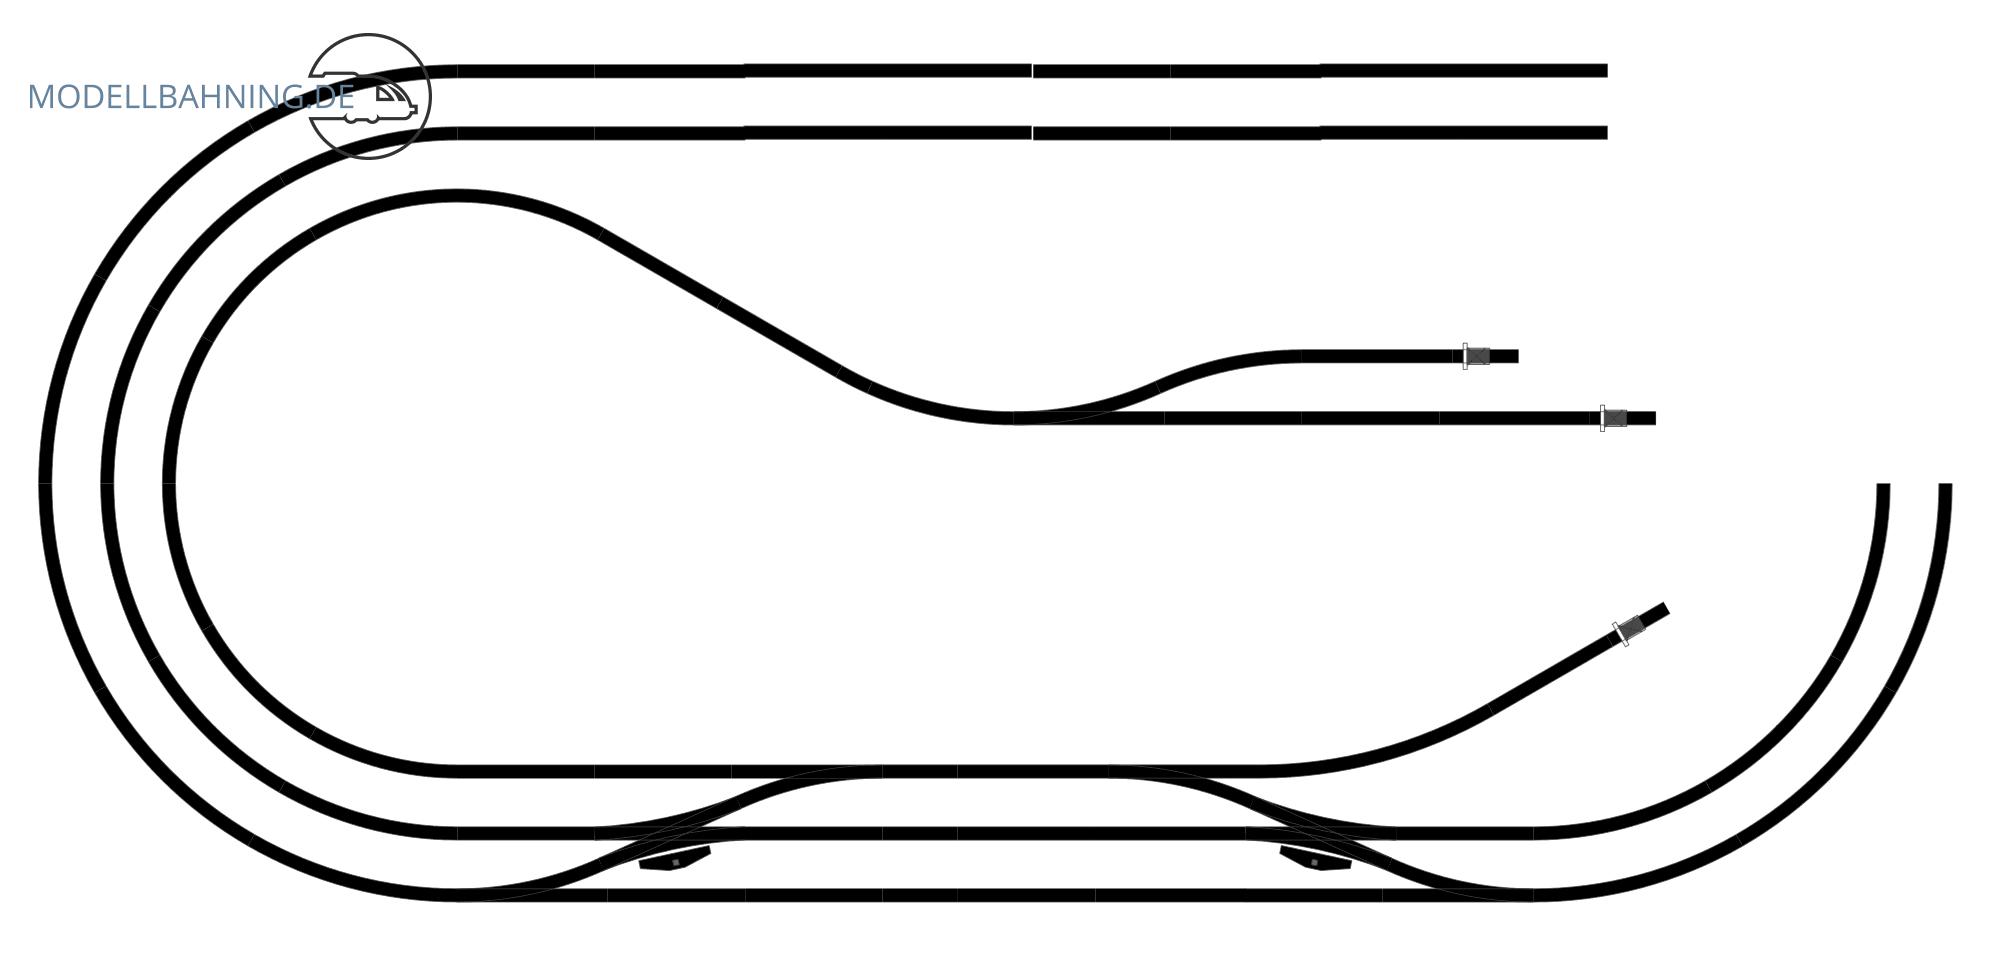 H0 Gleisplan auf 2,5 x 1,2 m: <br>Hundeknochen in drei Ebenen 3